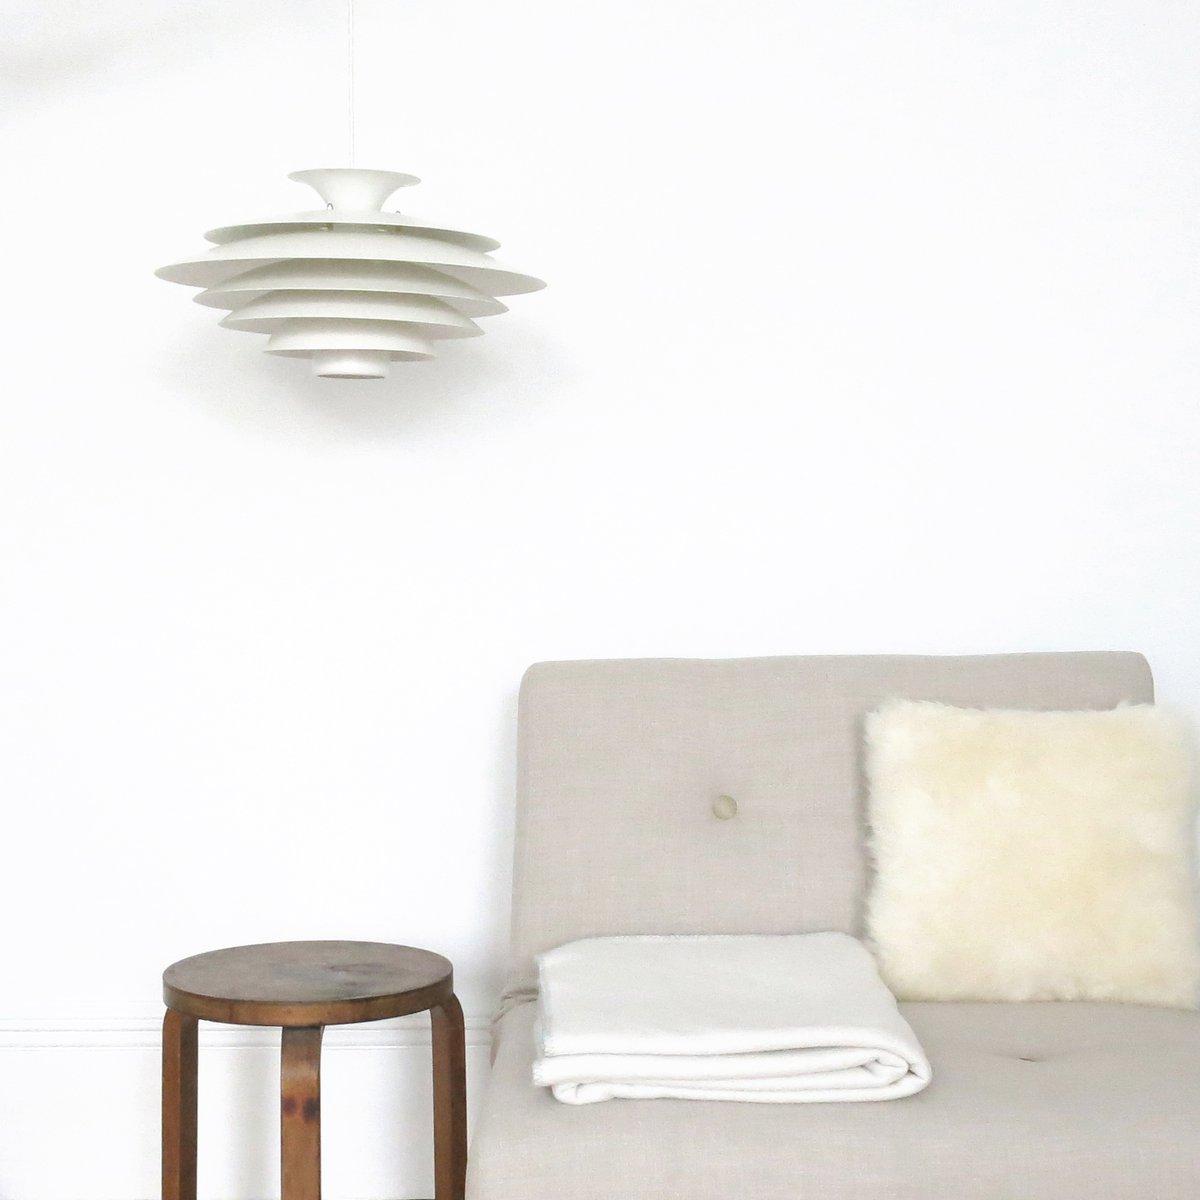 gestufte danish modern h ngelampe von formlight 1960er. Black Bedroom Furniture Sets. Home Design Ideas